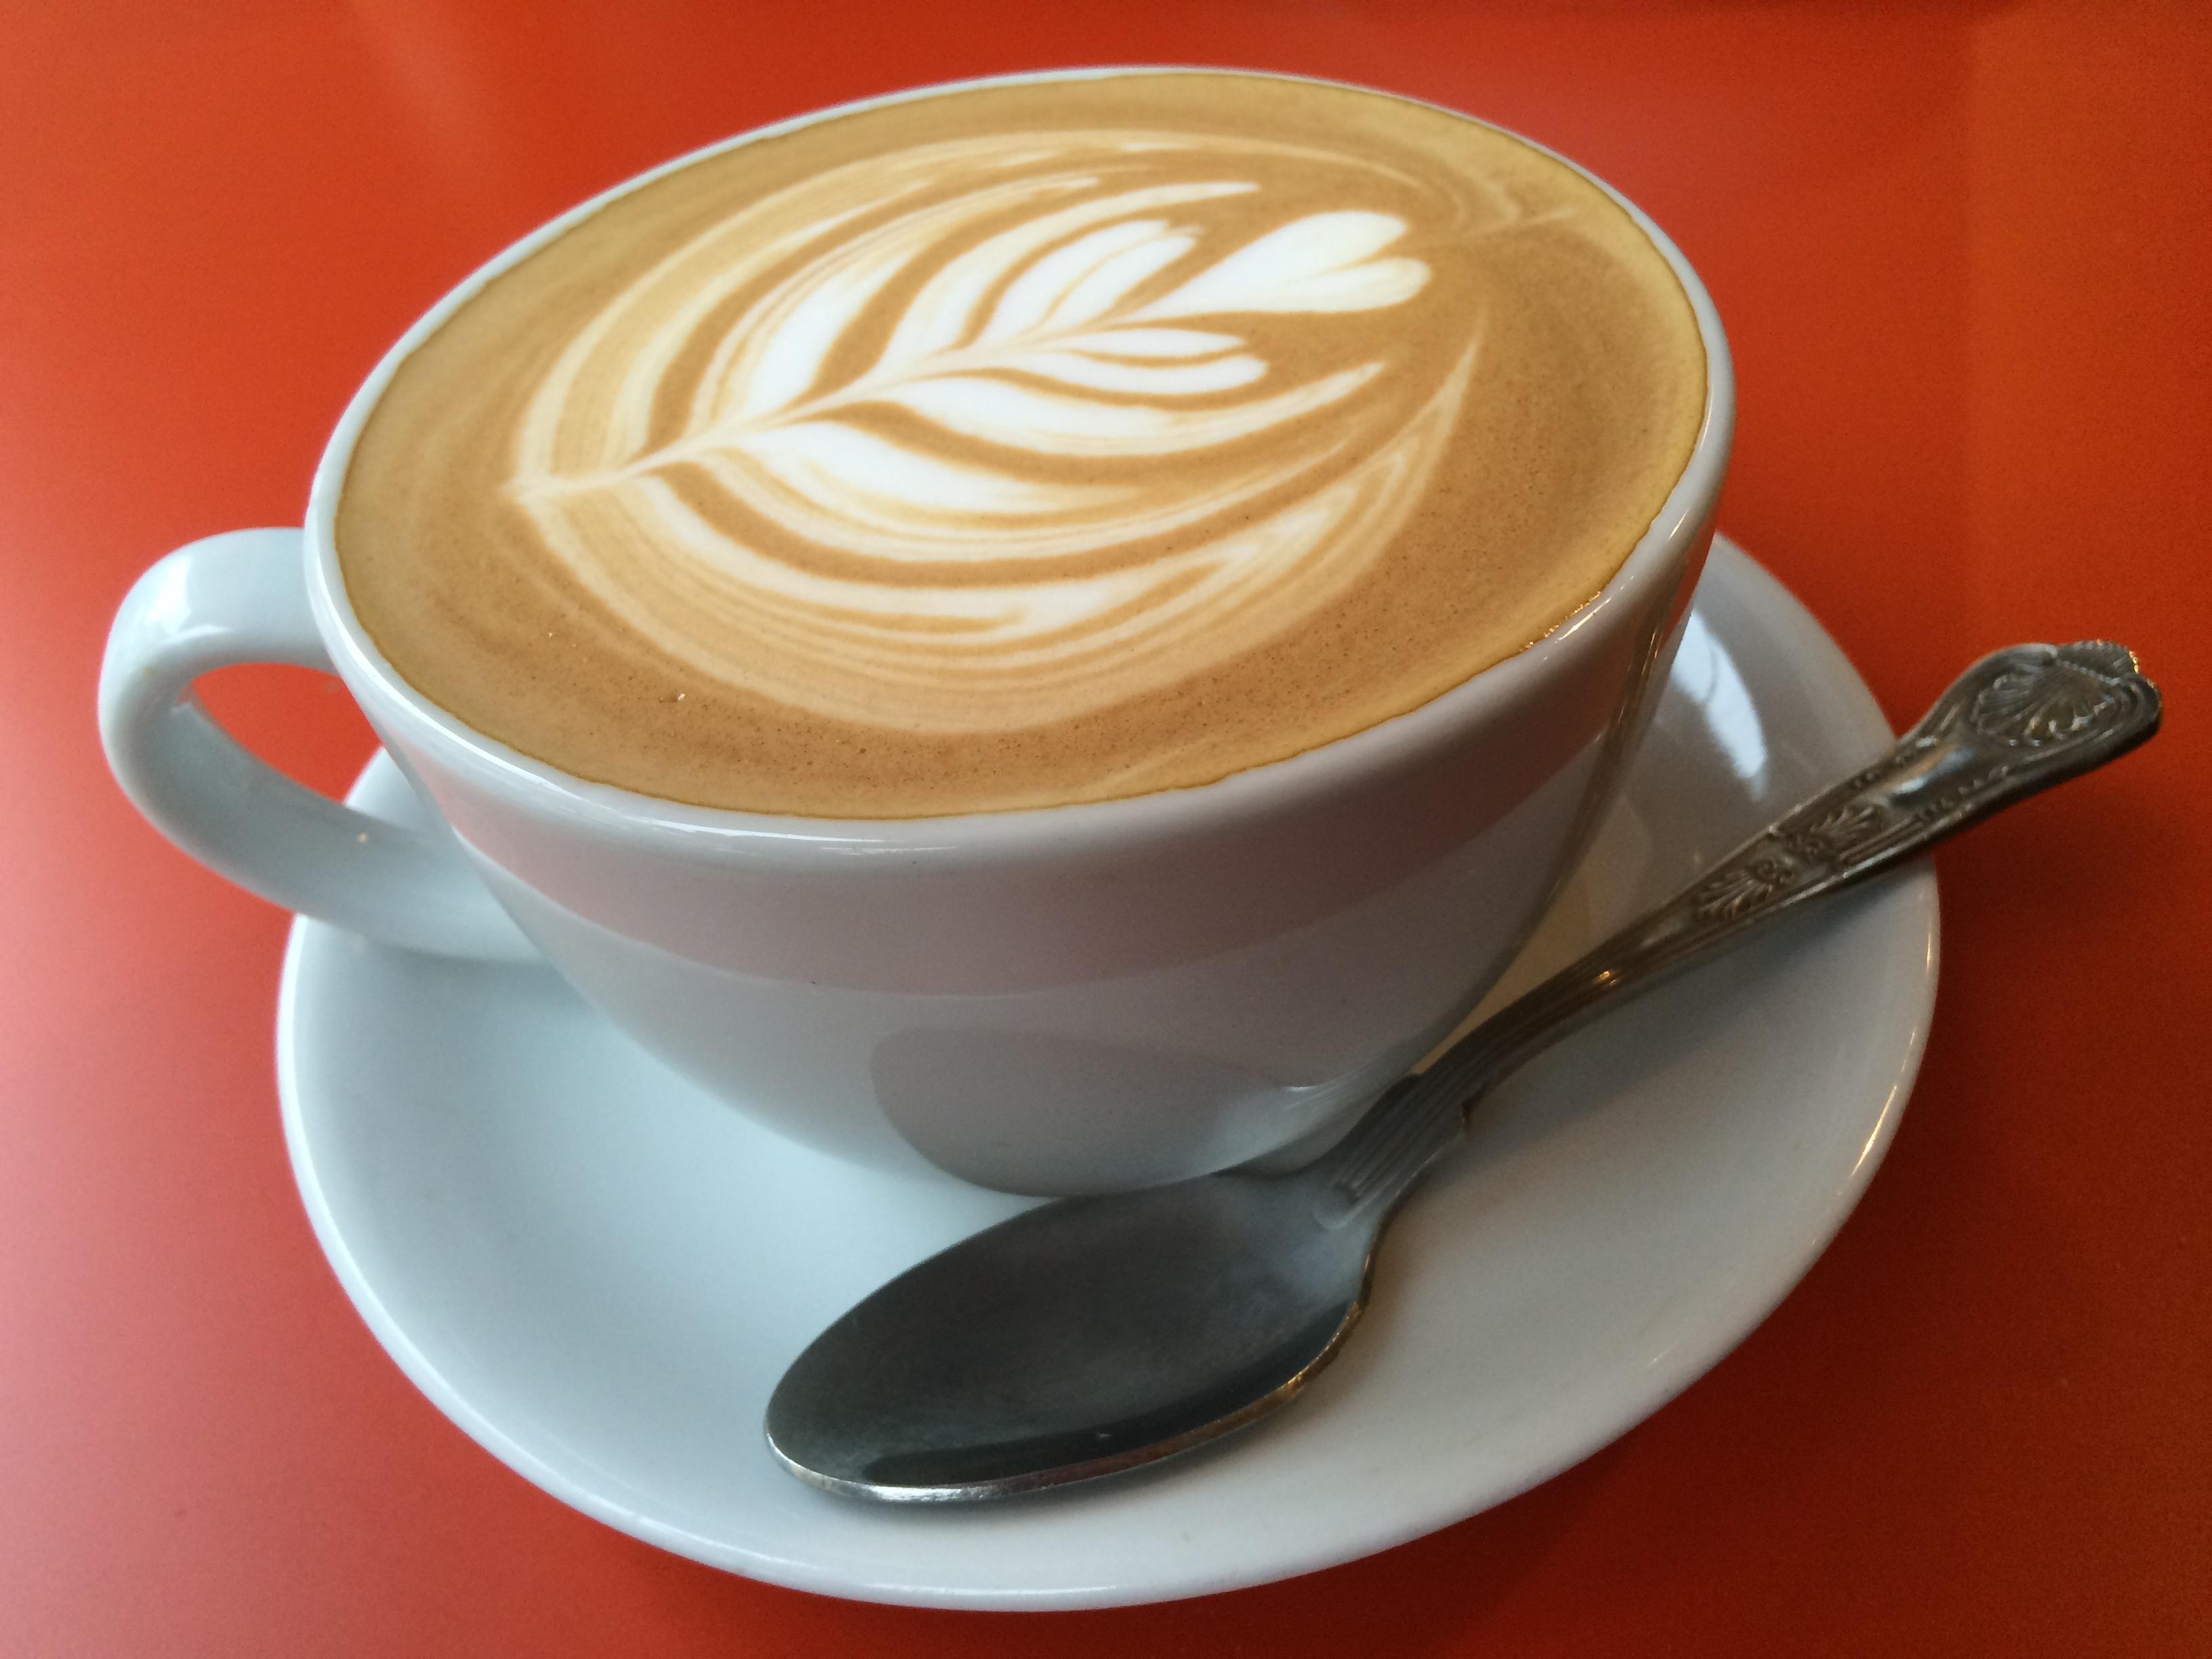 Immagini belle : bar latte macchiato cappuccino bevanda bere